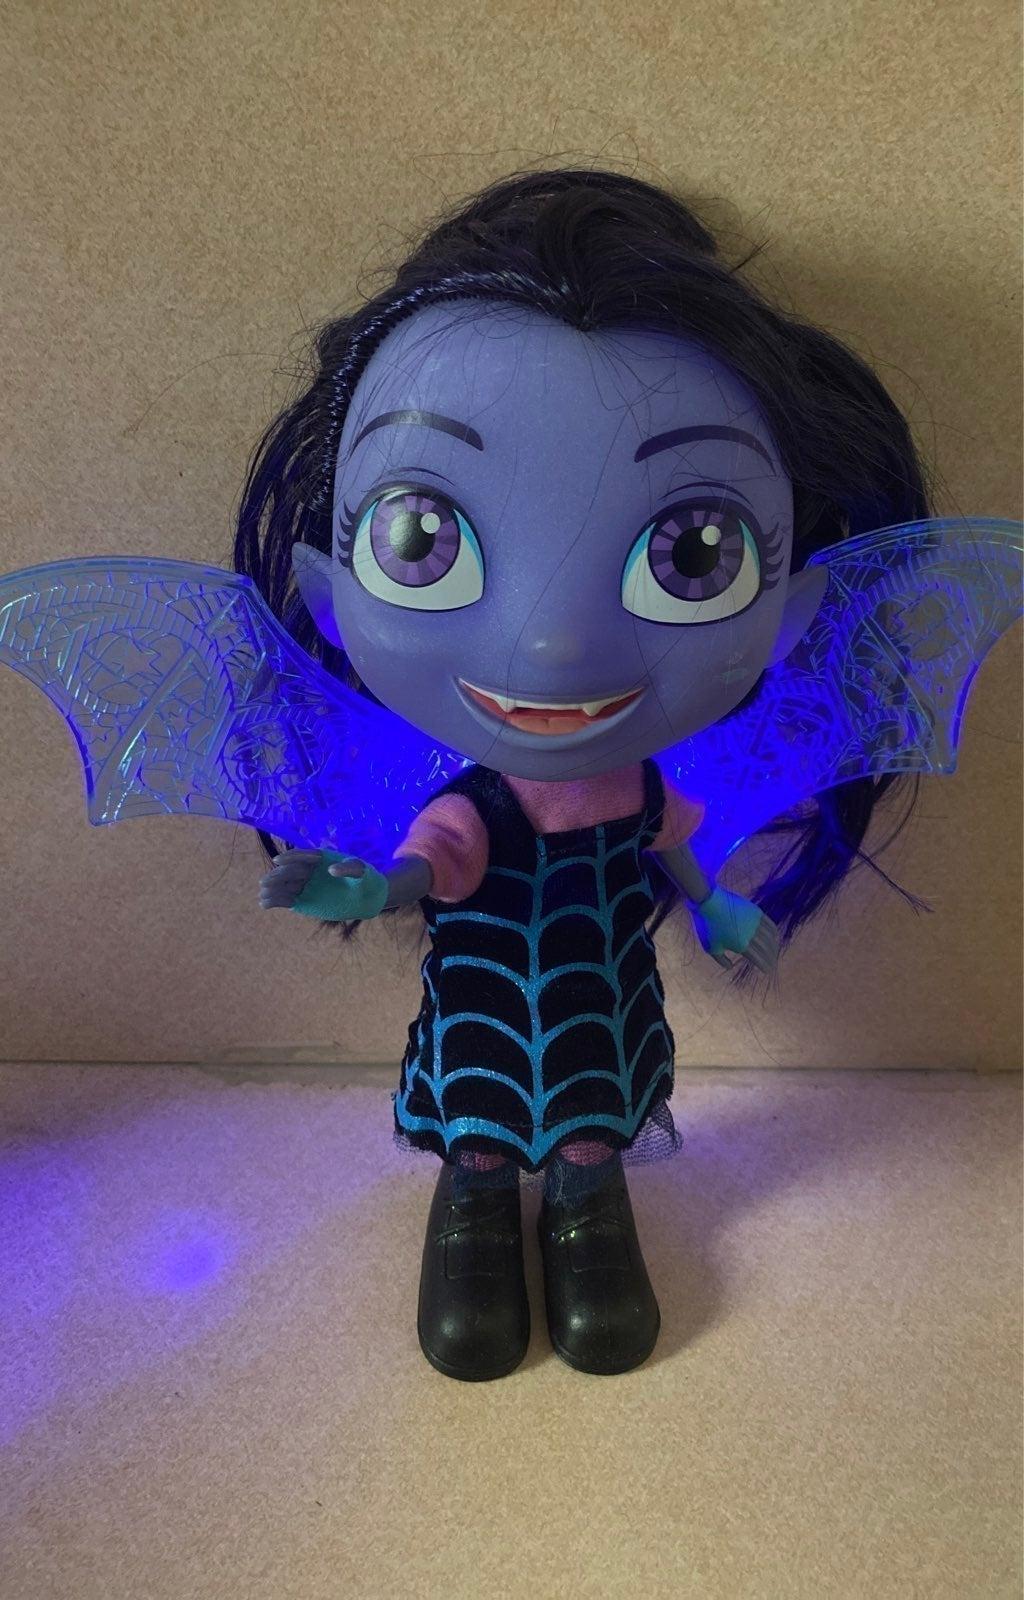 vampirina Doll talking and lighst up